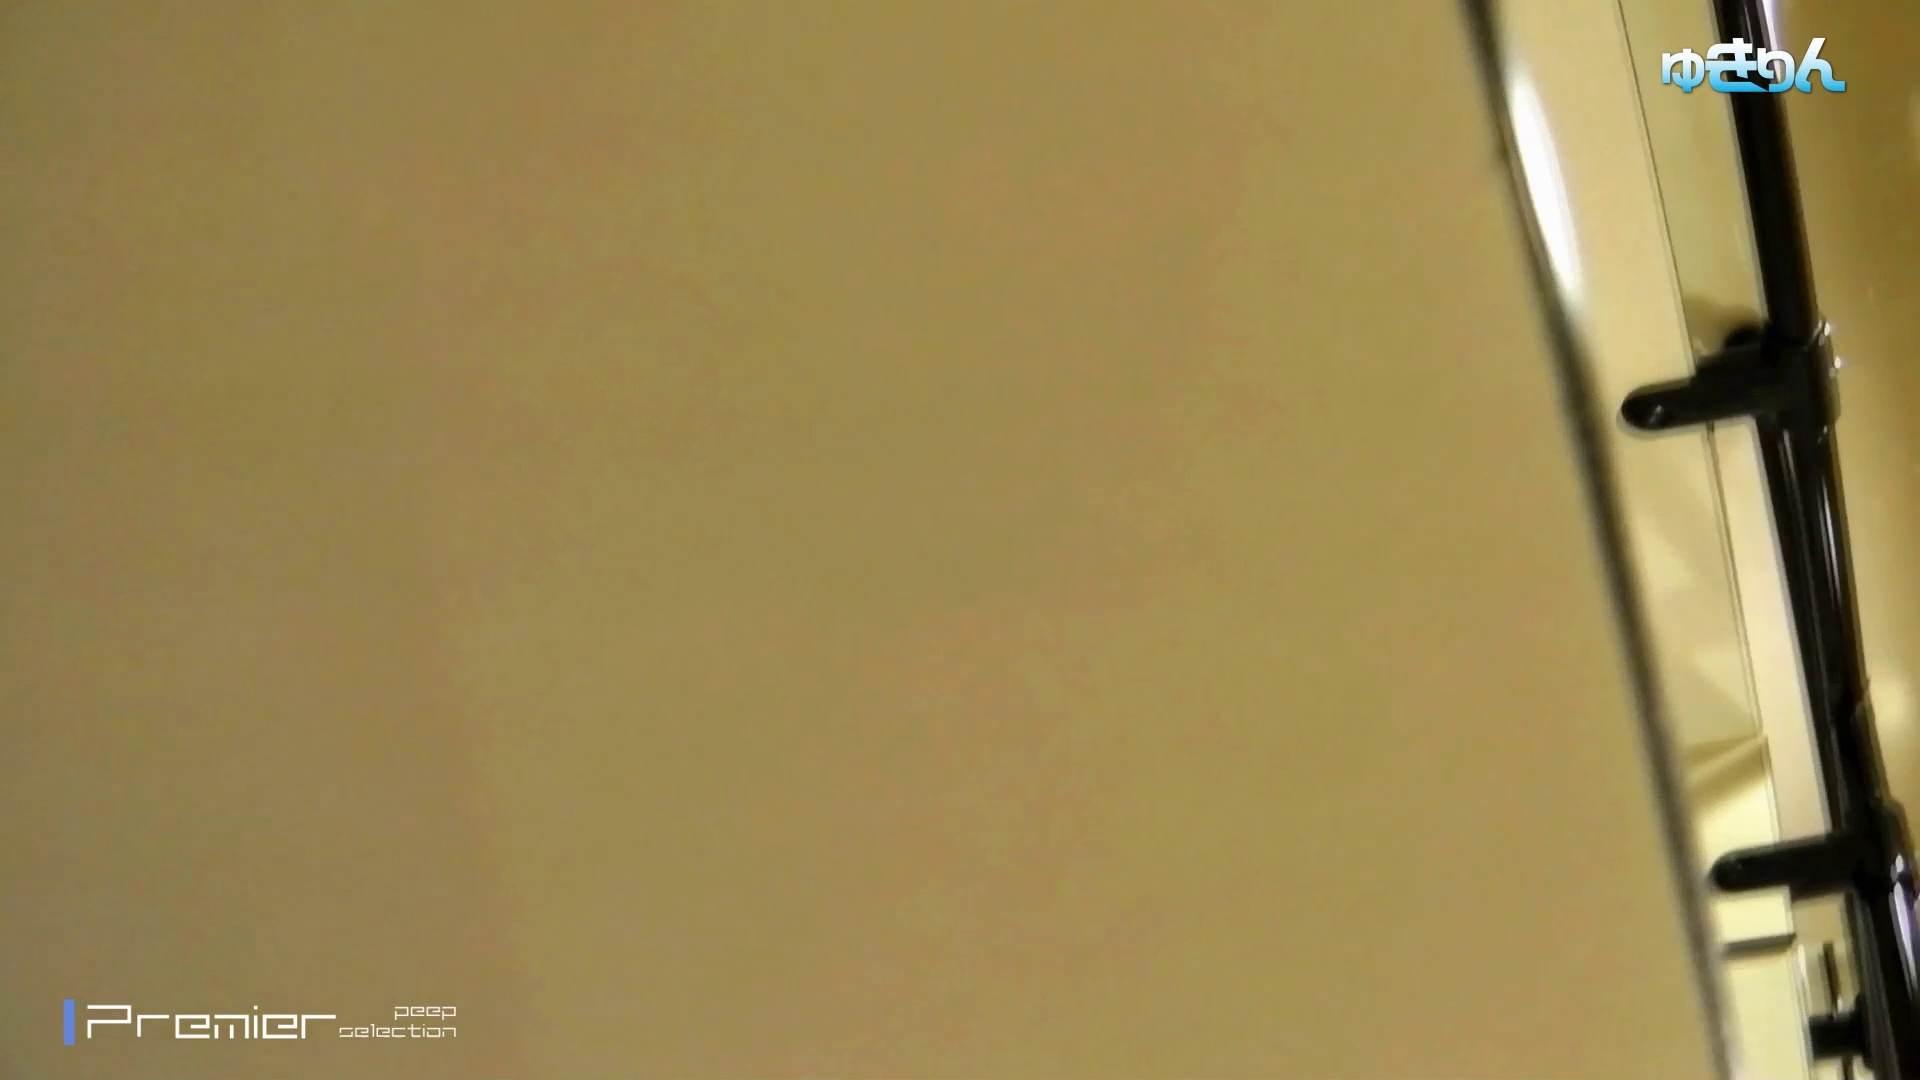 おまんこ:新世界の射窓 No89 あの有名のショーに出ているモデルが偶然に利用するという:怪盗ジョーカー